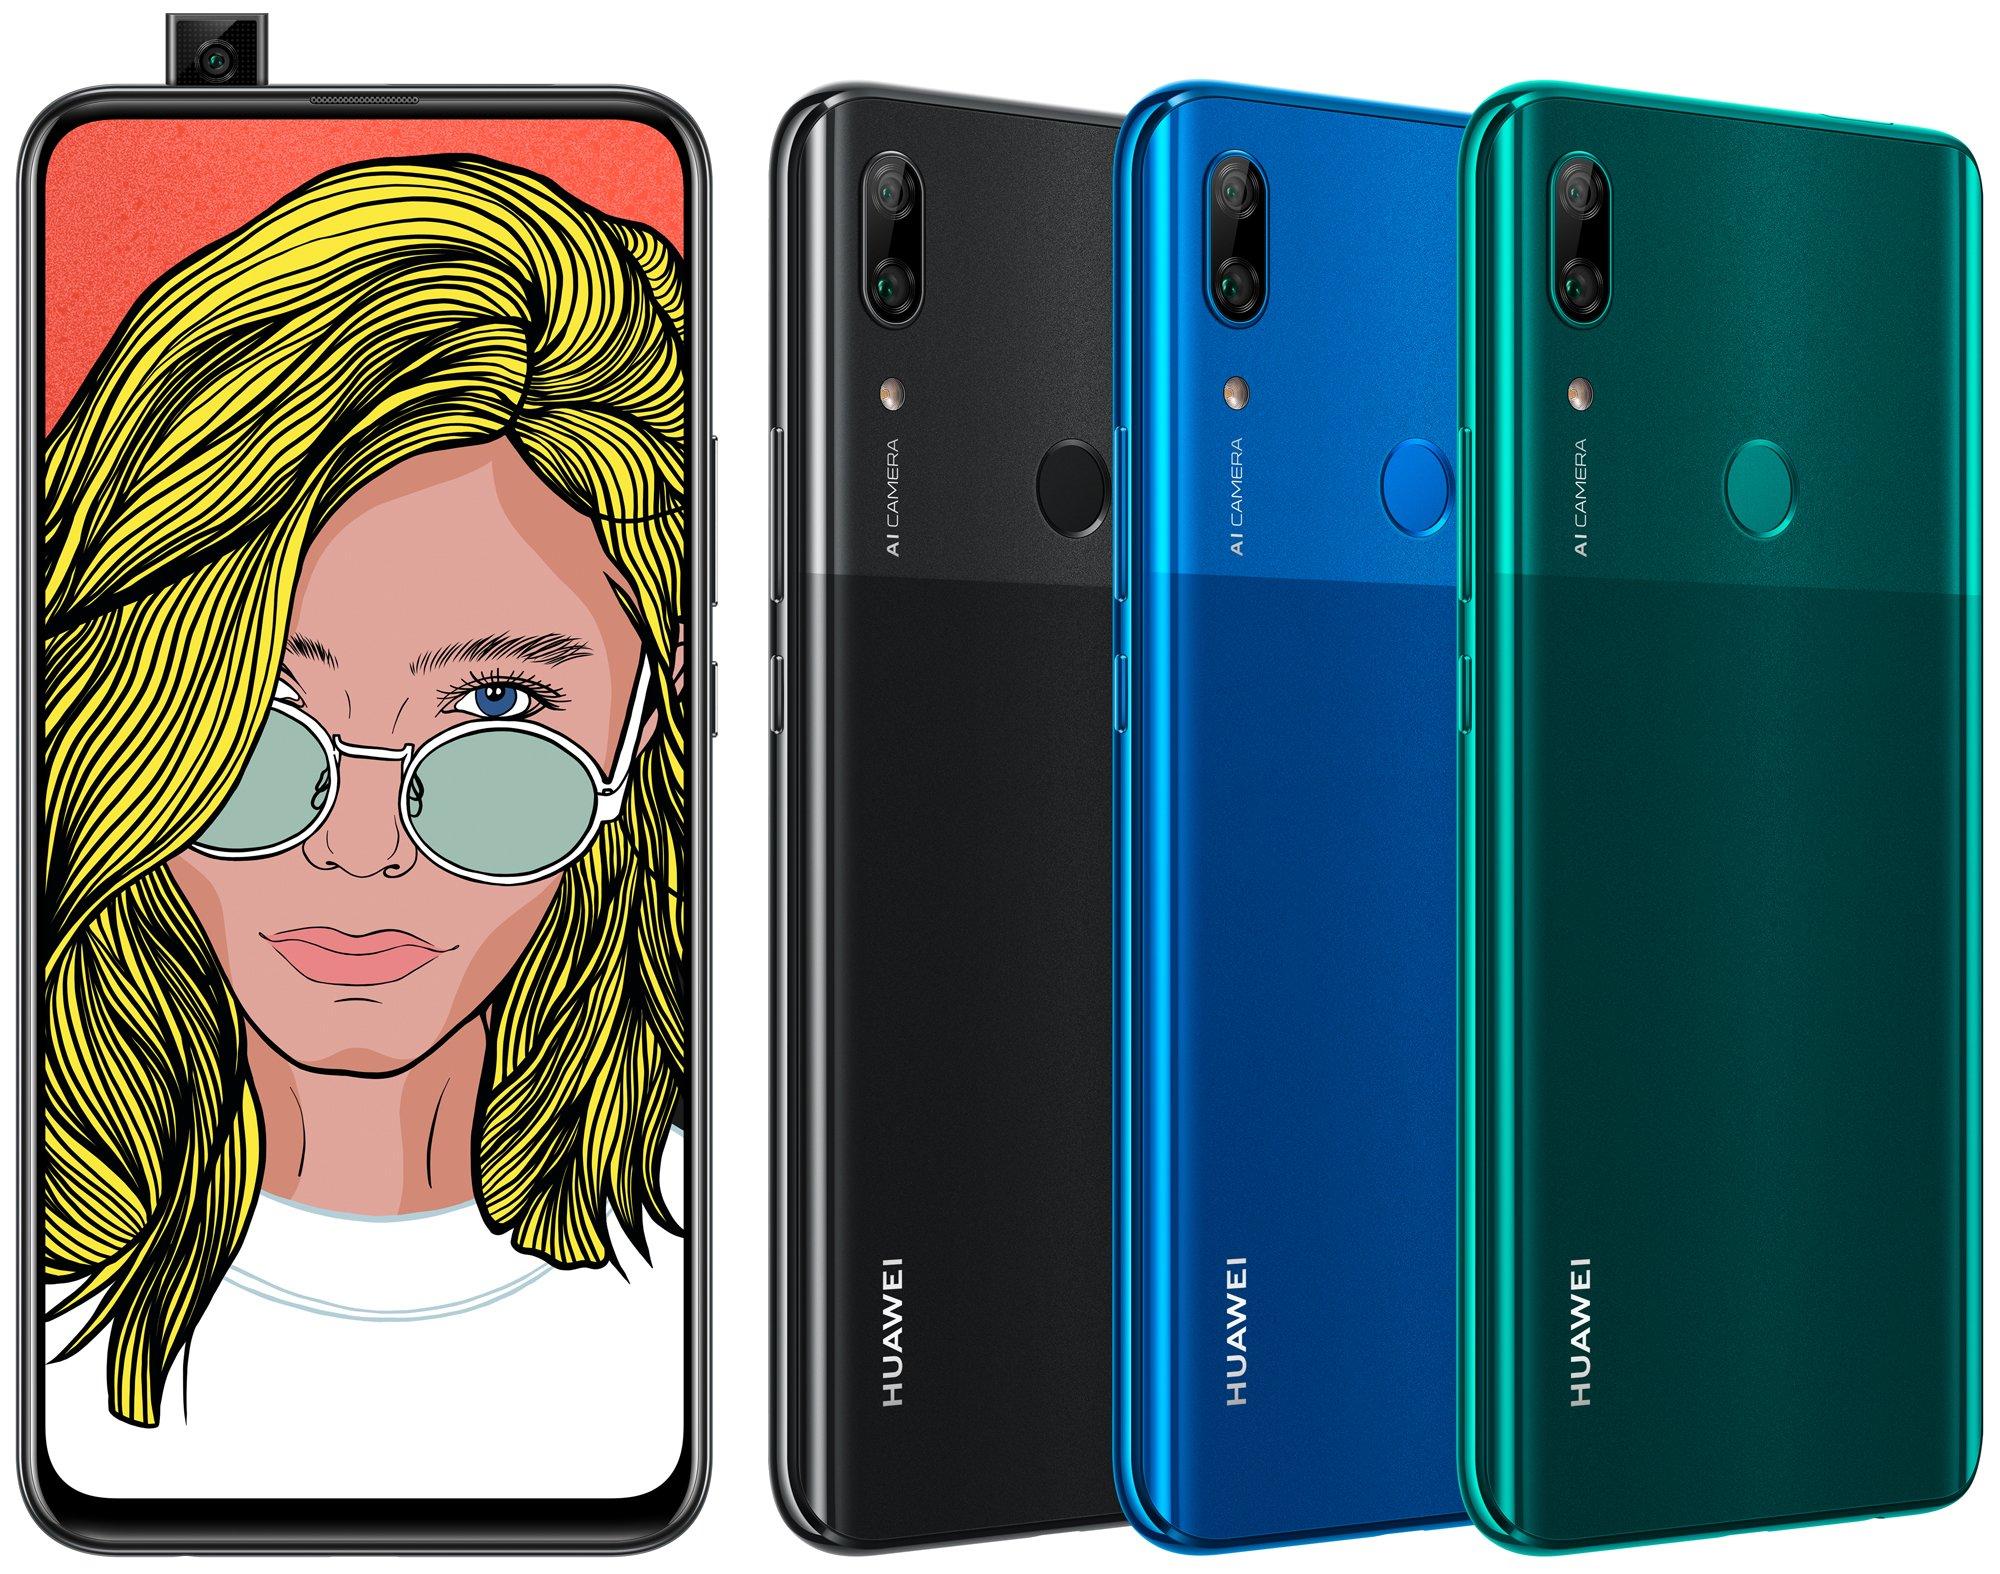 Huawei P Smart Z potrebbe essere il primo smartphone Huawei con fotocamera a scomparsa (aggiornato)